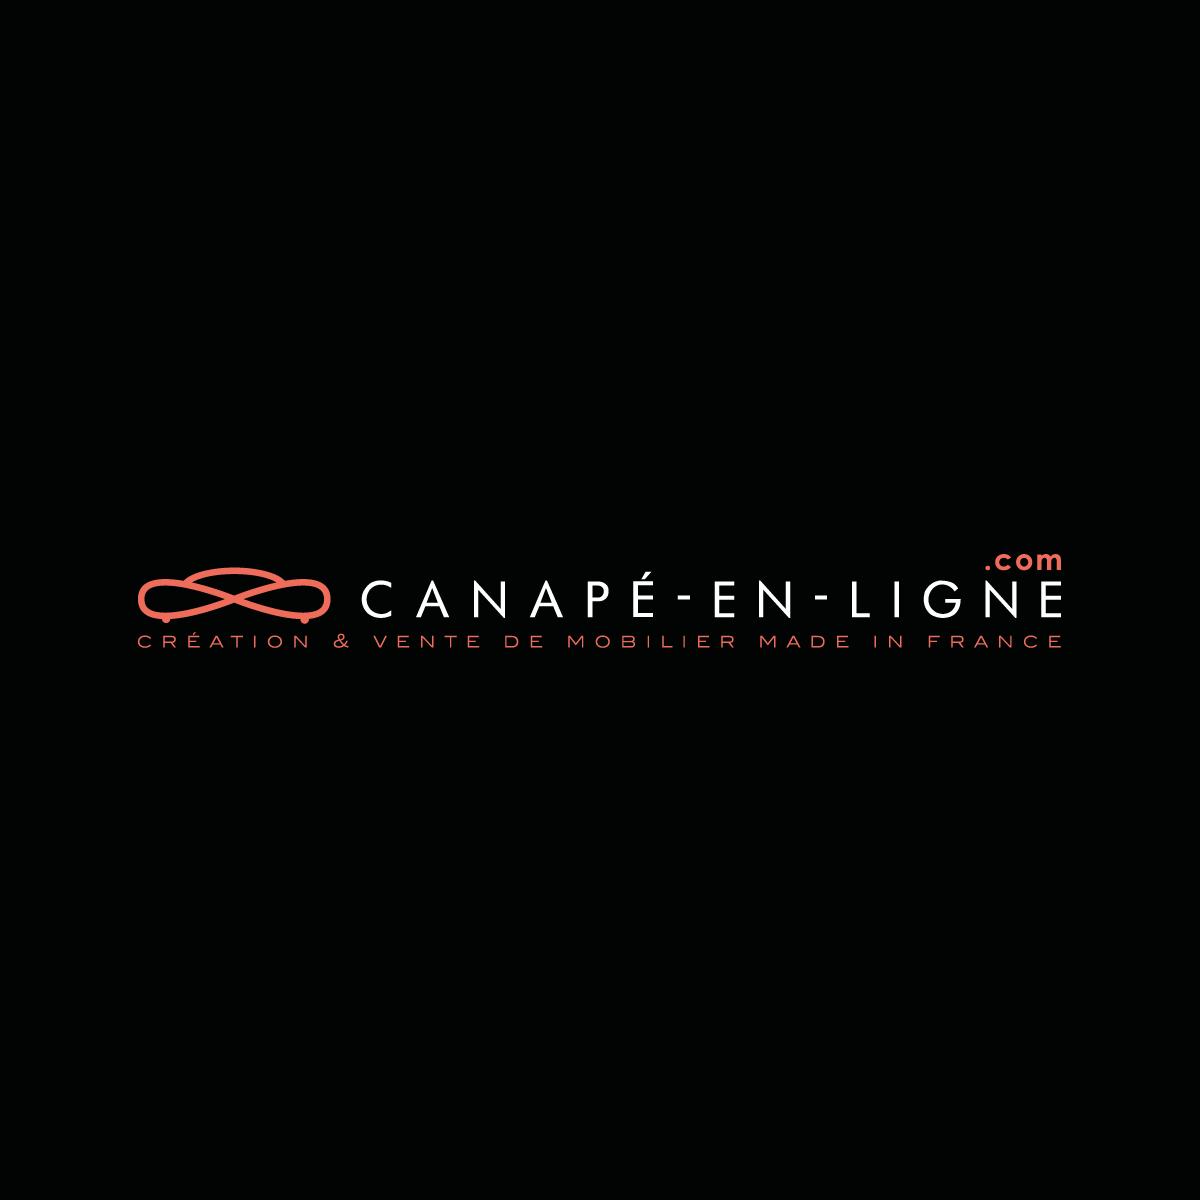 canape-en-ligne-logo